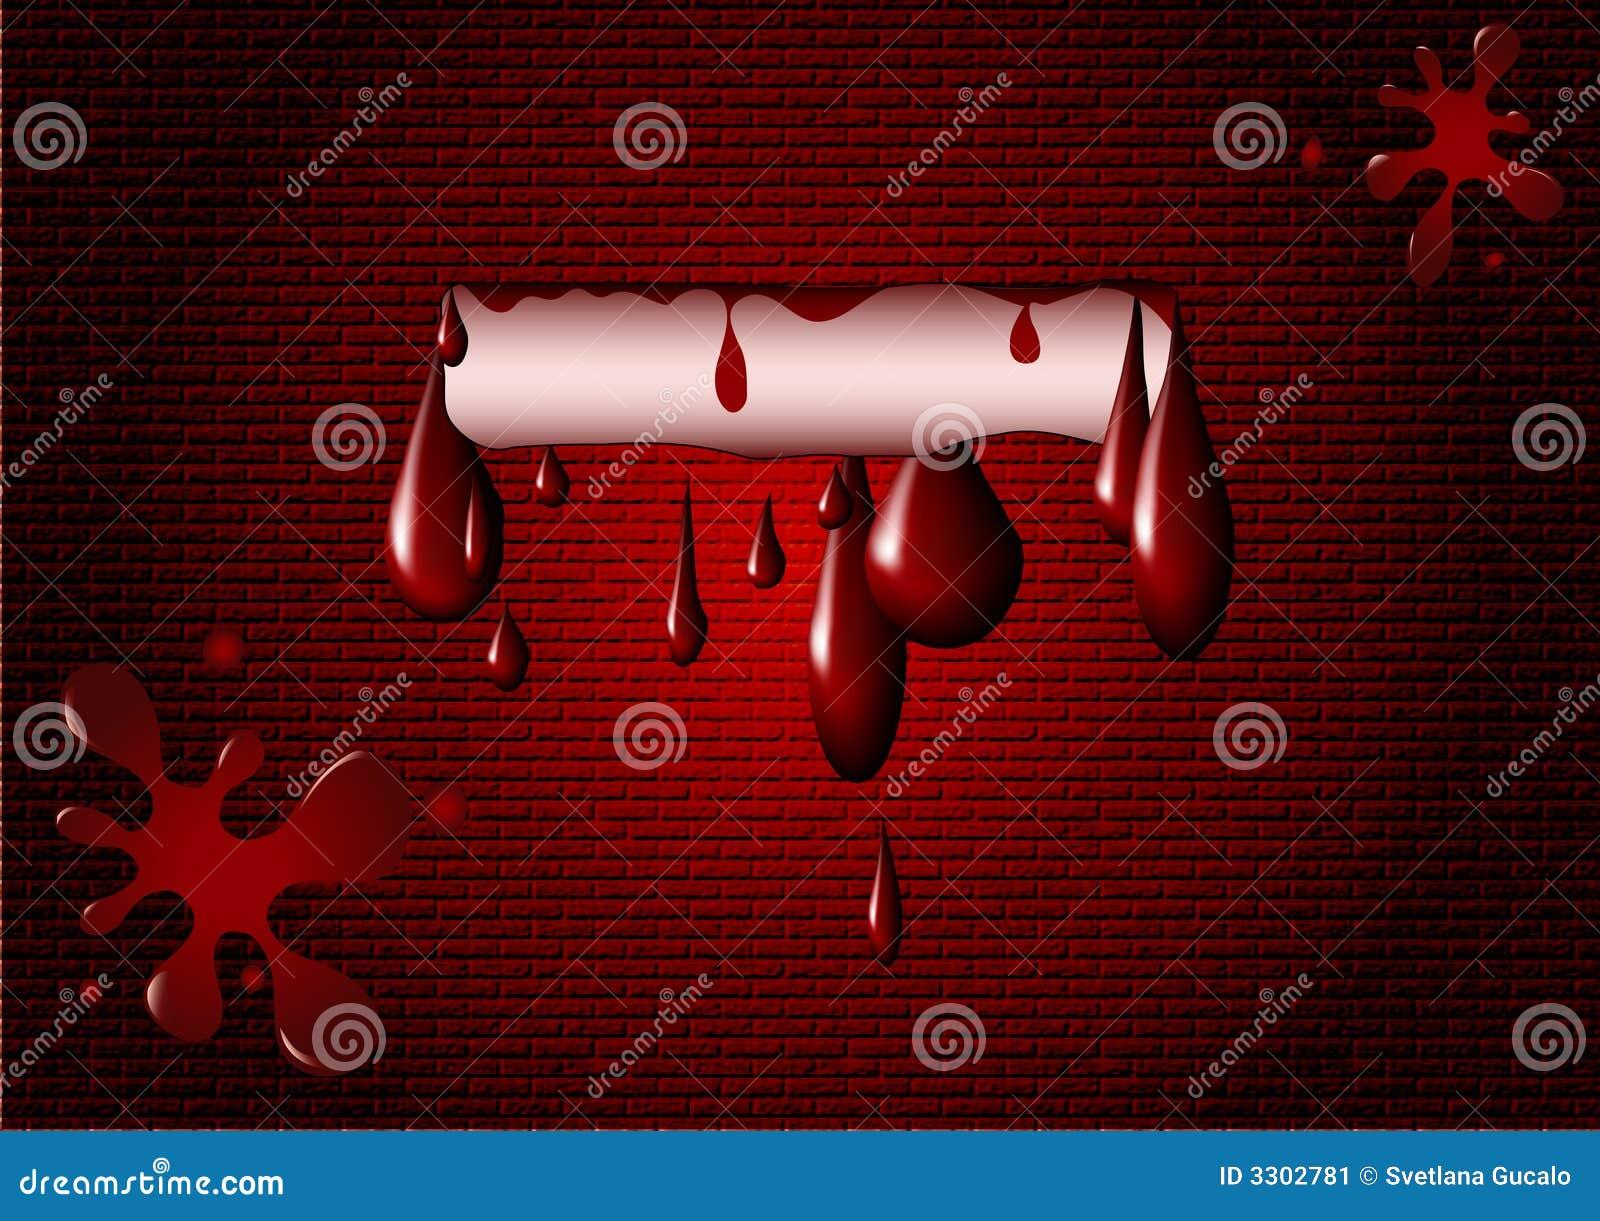 Mancha blanca negra de la sangre en la pared ilustraci n del vector ilustraci n de - Manchas blancas en la pared ...